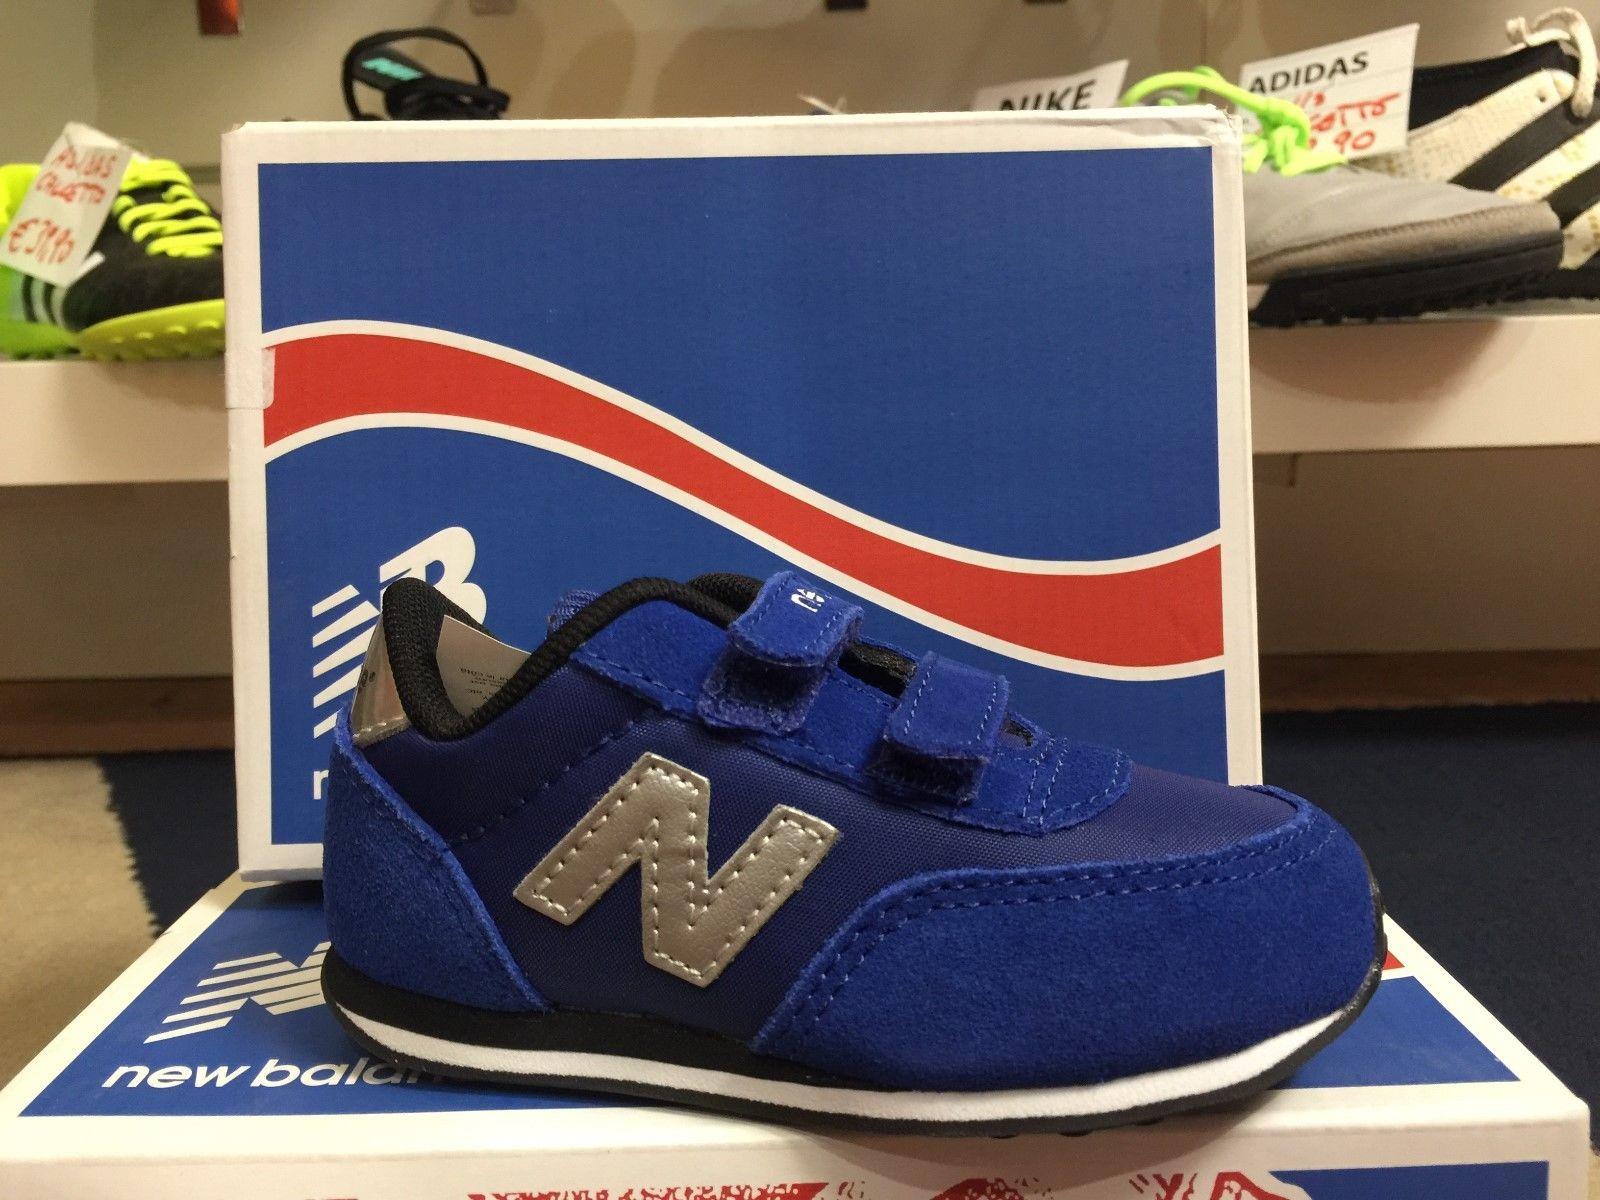 scarpe bambina 23 new balance